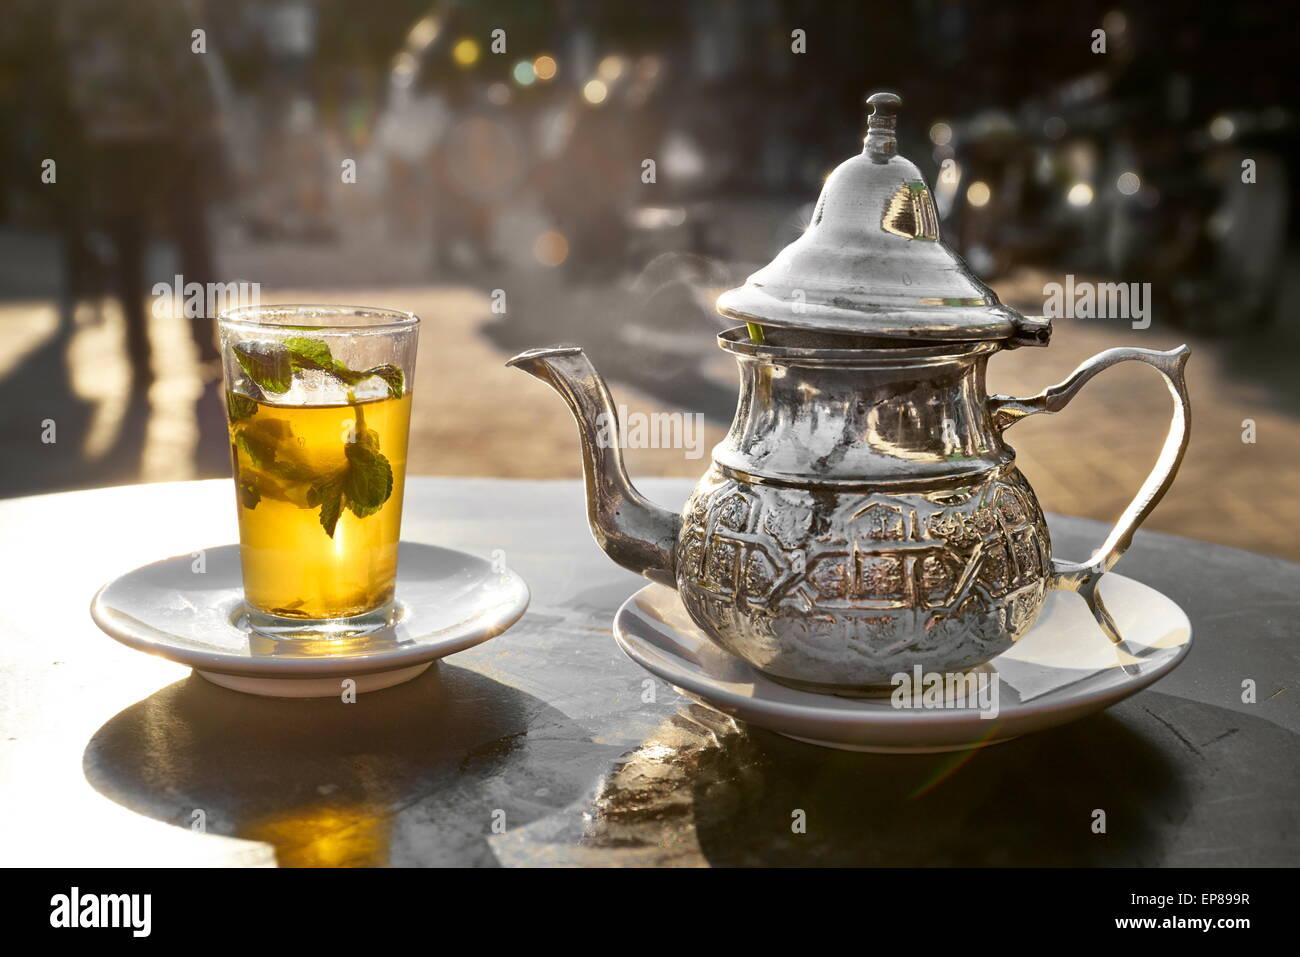 Té de menta tradicional. Marruecos Imagen De Stock